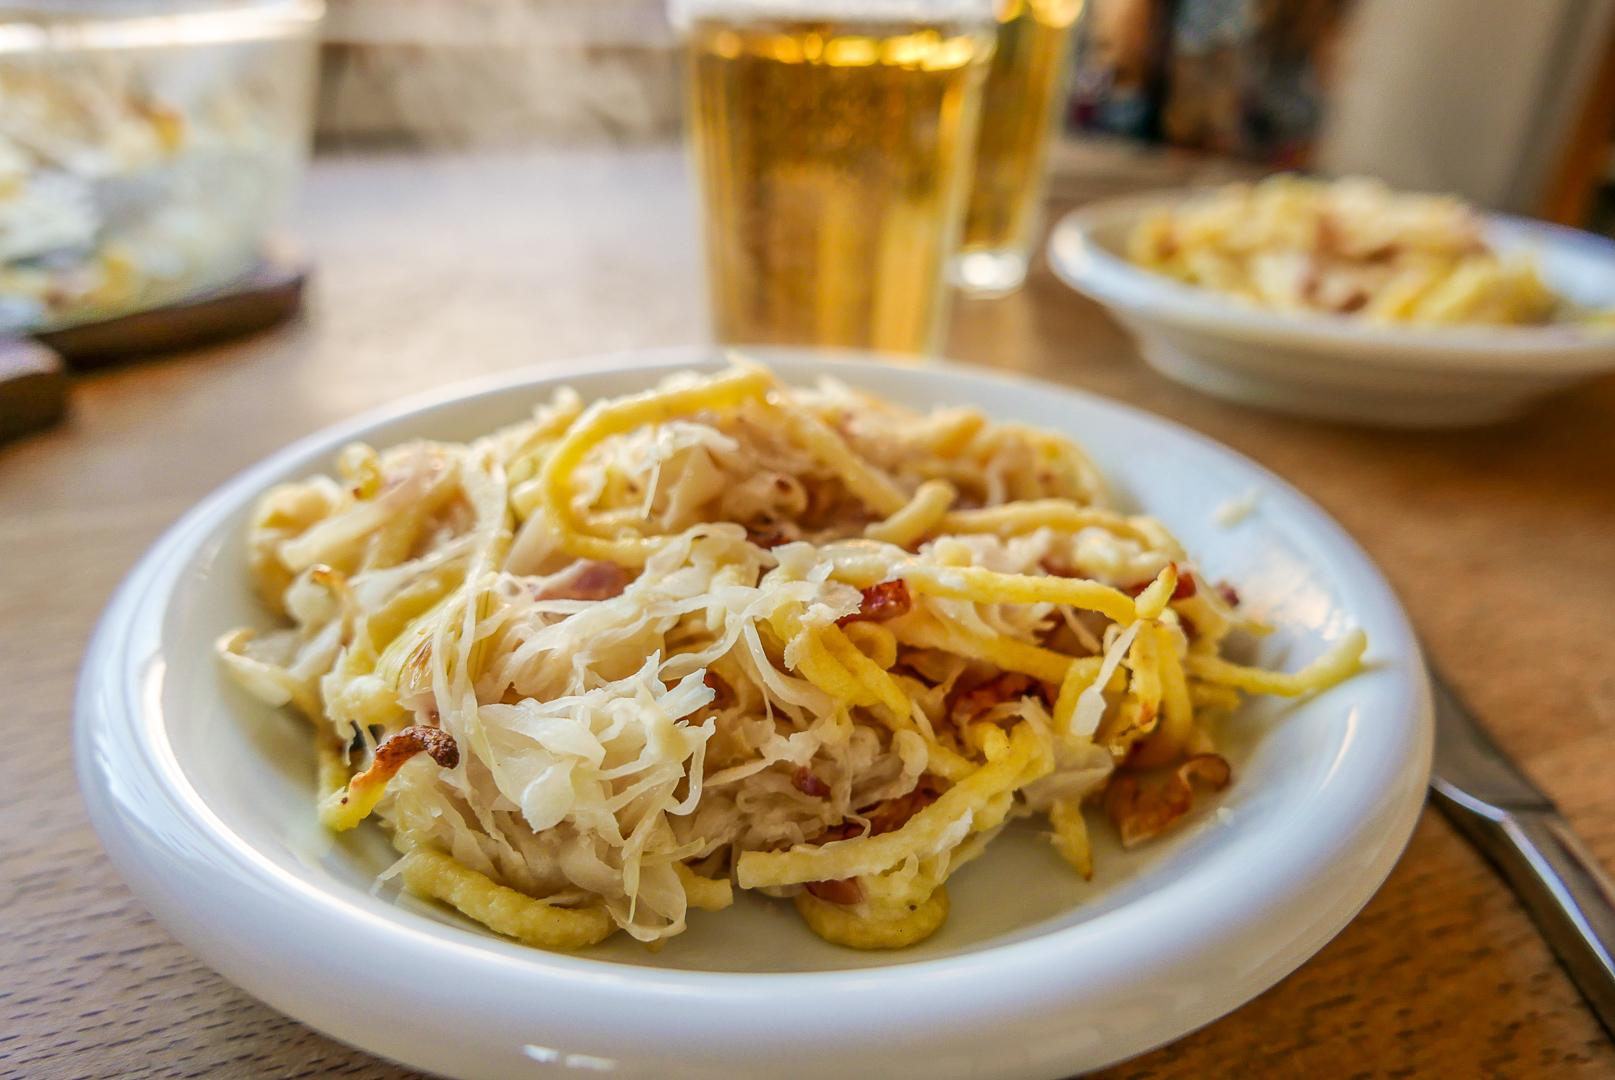 Sauerkrautauflauf mit Spätzle: Besser als Schlachtplatte? Zumindest auch eine mögliche fleischlose Alternative.